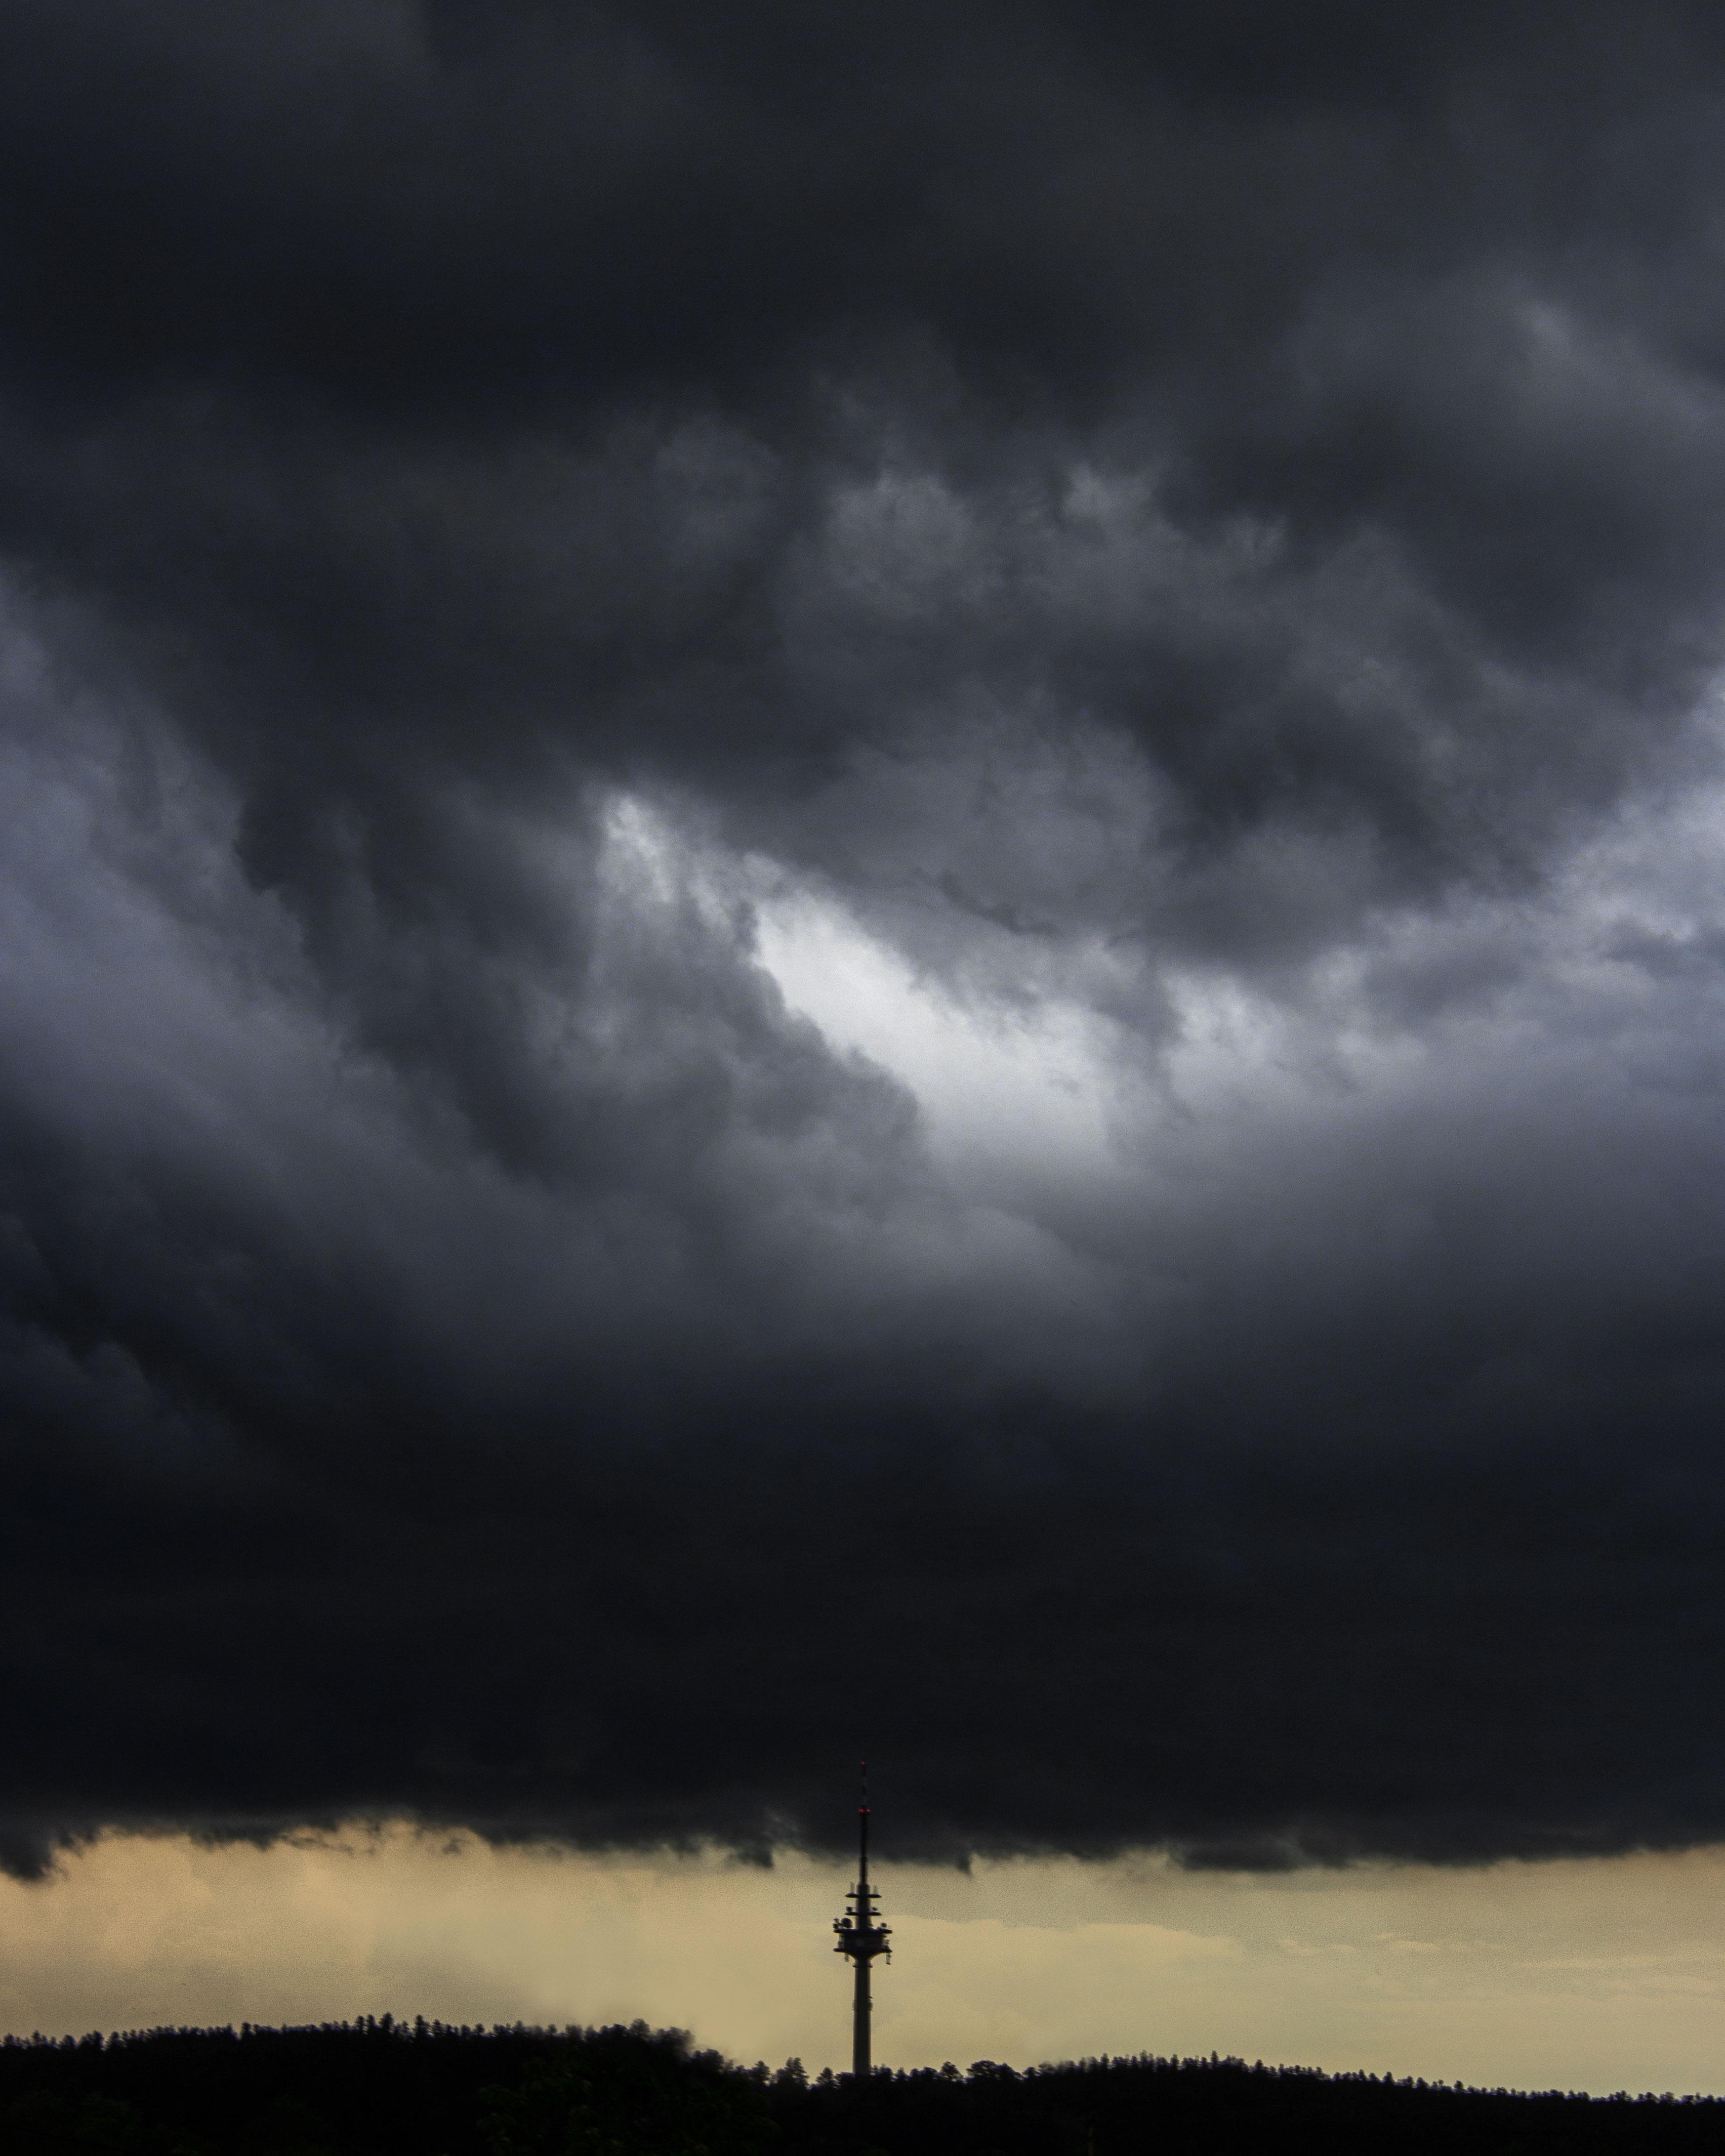 животное ракетный гром среди темного неба фото городе обращает себя